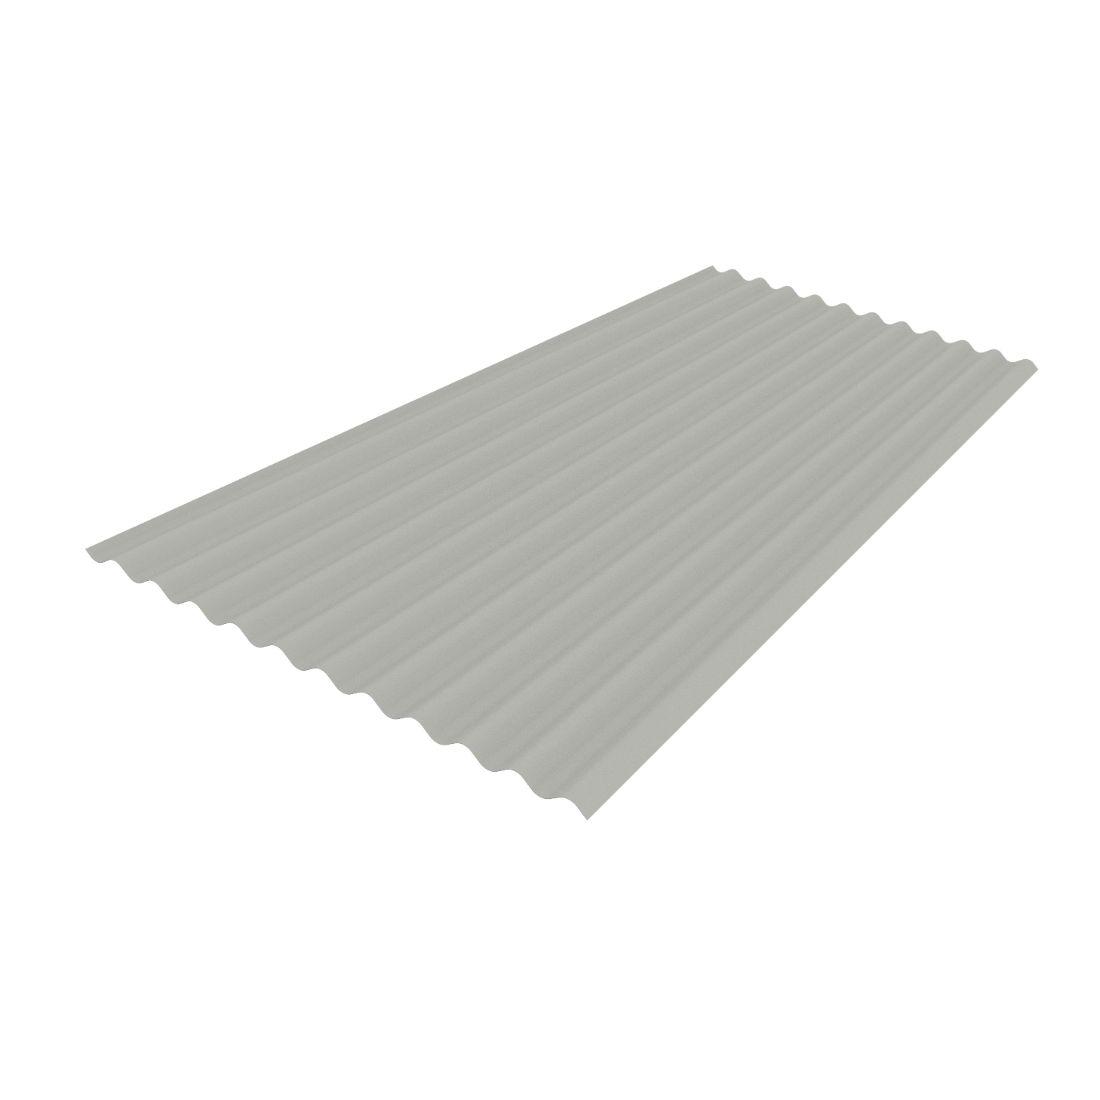 Corrugate Zincalume 0.40mm BMT 3.0m